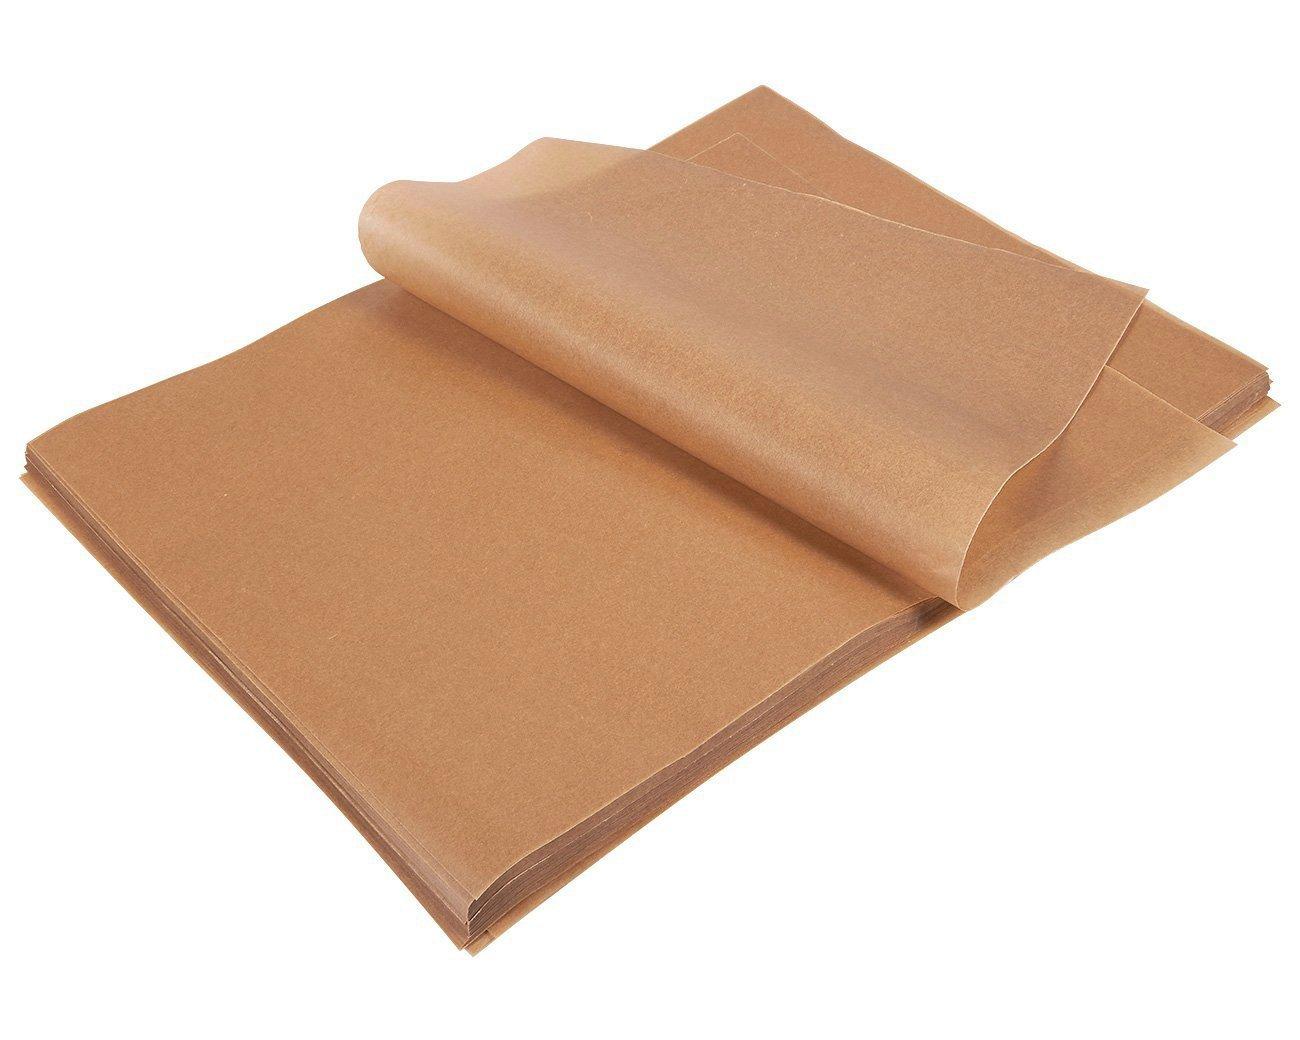 Parchment Paper Sheets - 200-Count Precut Unbleached Parchment Paper for Baking, Half Sheet Pans, Non-Stick Baking Sheet Paper, Brown, 12 x 16 Inches Juvale